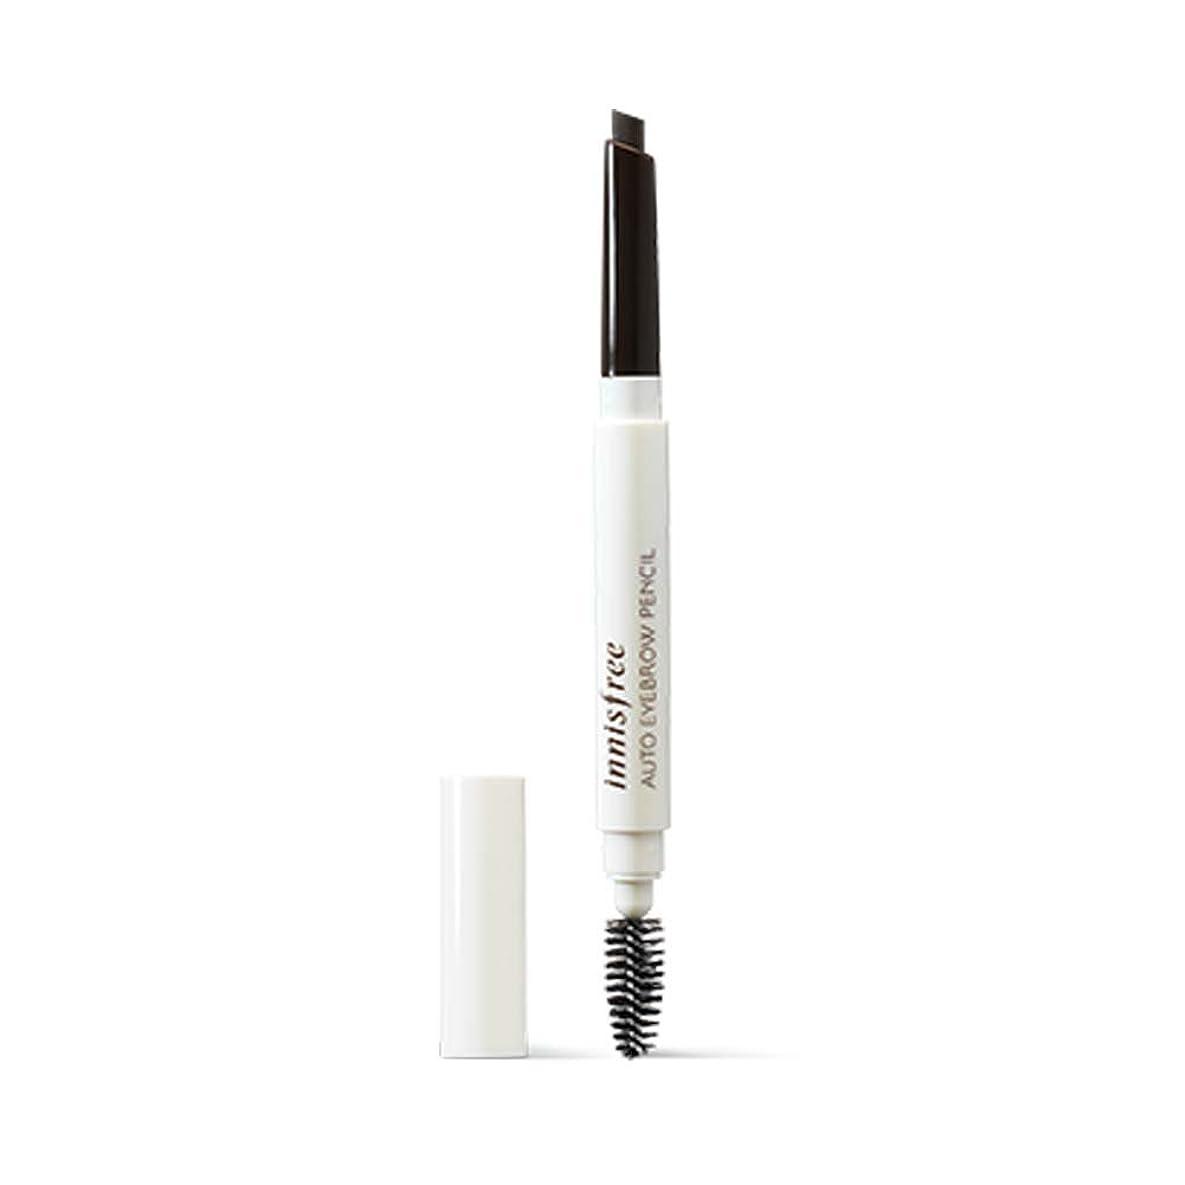 サービス連帯国際イニスフリーアップルシードリップ&アイメークアップリムーバーティッシュ30枚 / Innisfree Apple Seed Lip&Eye Makeup Remover Tissue 30 Sheets [海外直送品][並行輸入品]